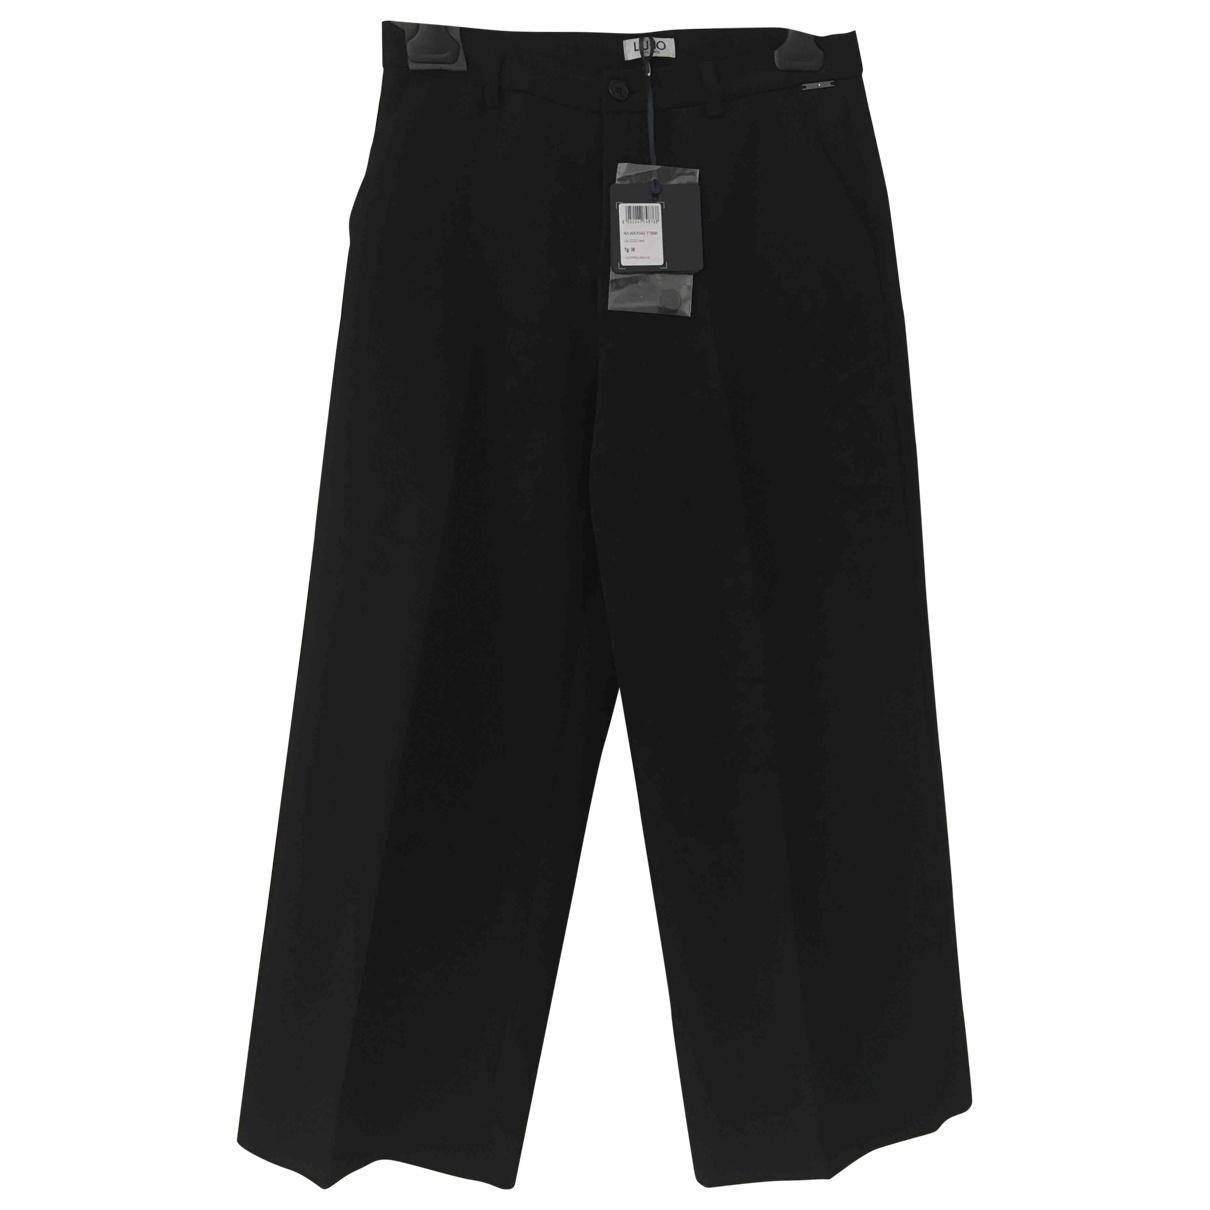 Liu.jo \N Black Trousers for Women 38 IT